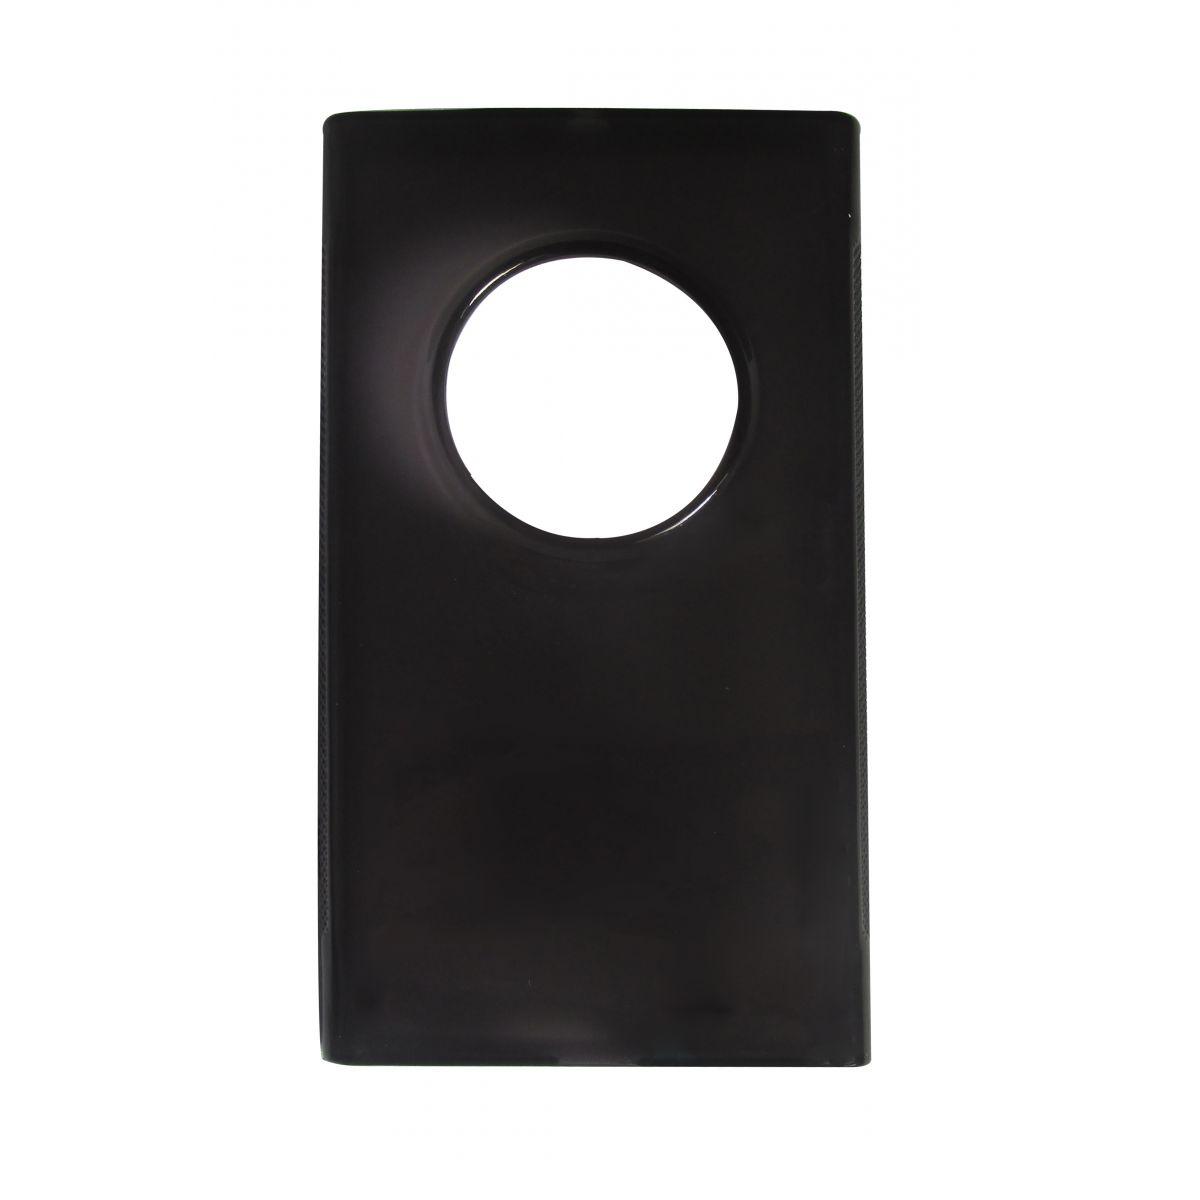 Capa TPU Grafite Nokia Lumia 1020 N1020 + Película Flexível